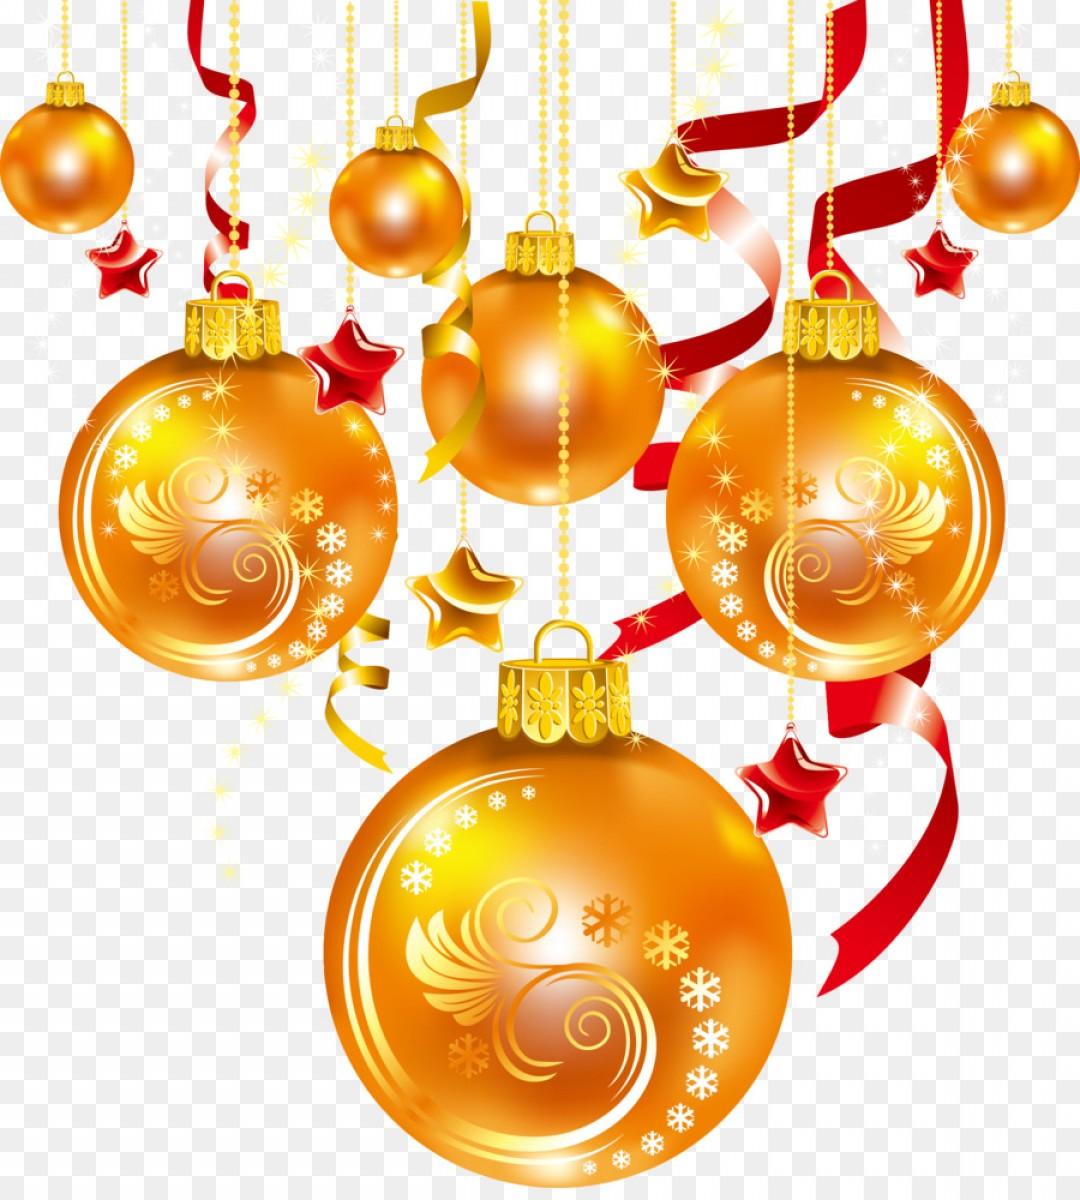 Transparent christmas clipart 1024pixel graphic library library Png Christmas Ornament Clip Art Vector Christmas Ball | SOIDERGI graphic library library